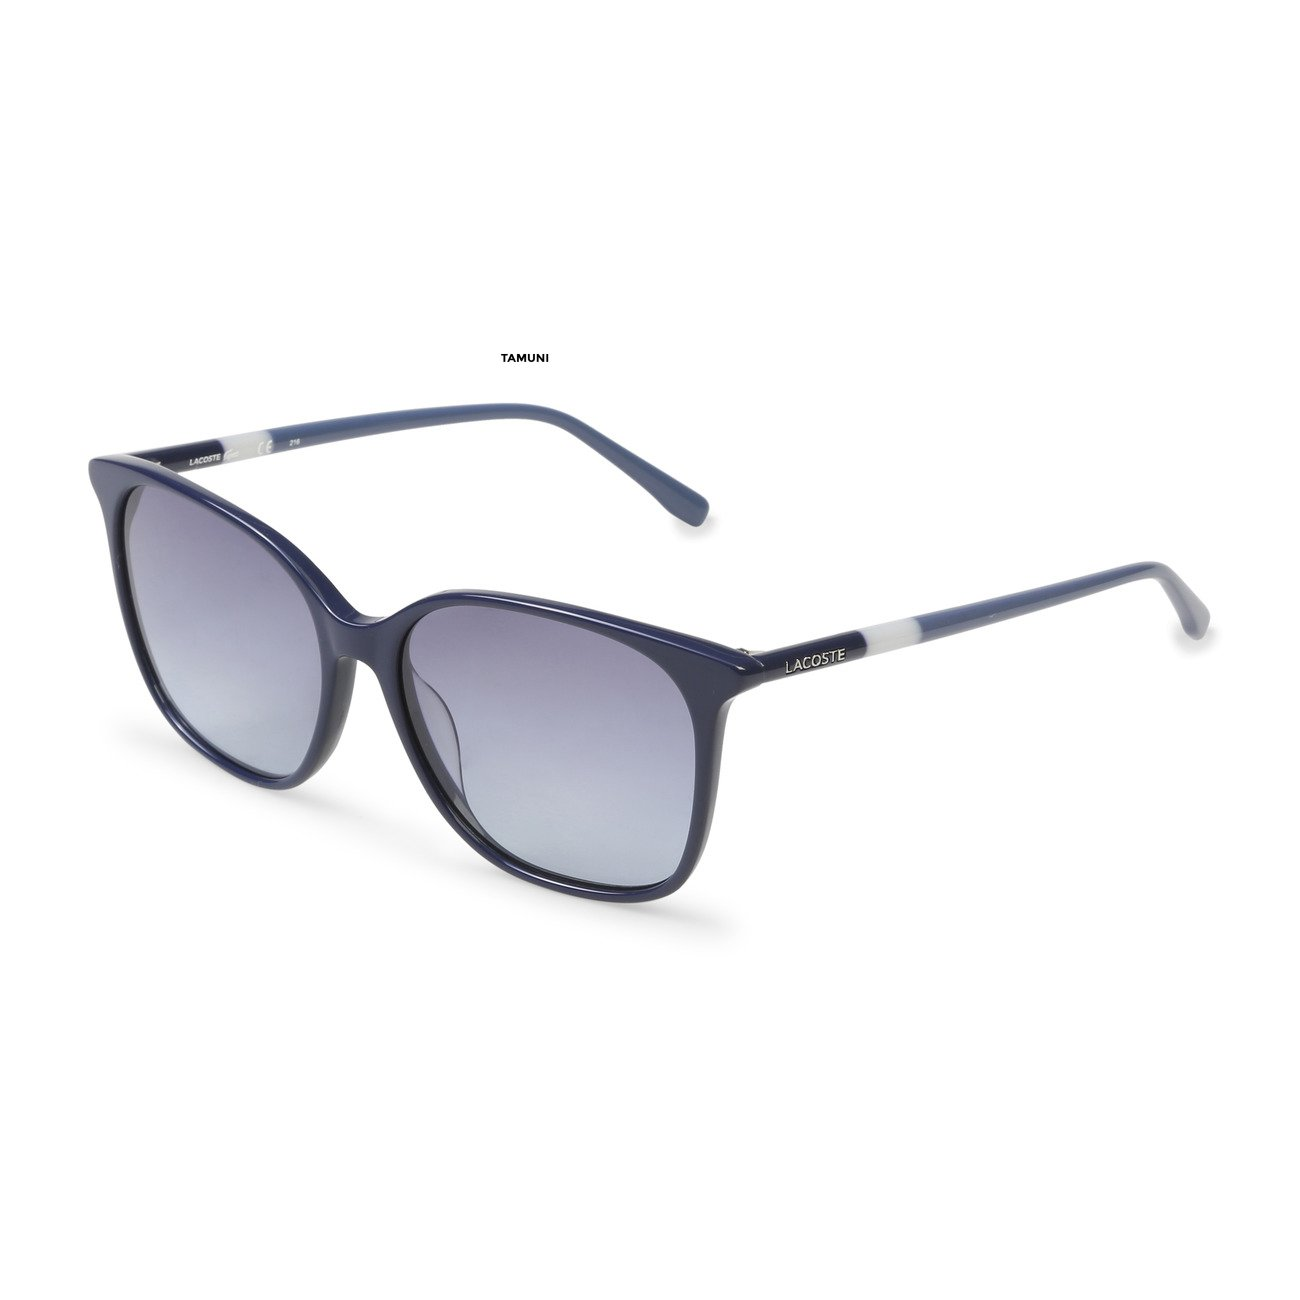 Okulary przeciwsłoneczne damskie LACOSTE L787S - 7355592150 ... 8a8189a2ad